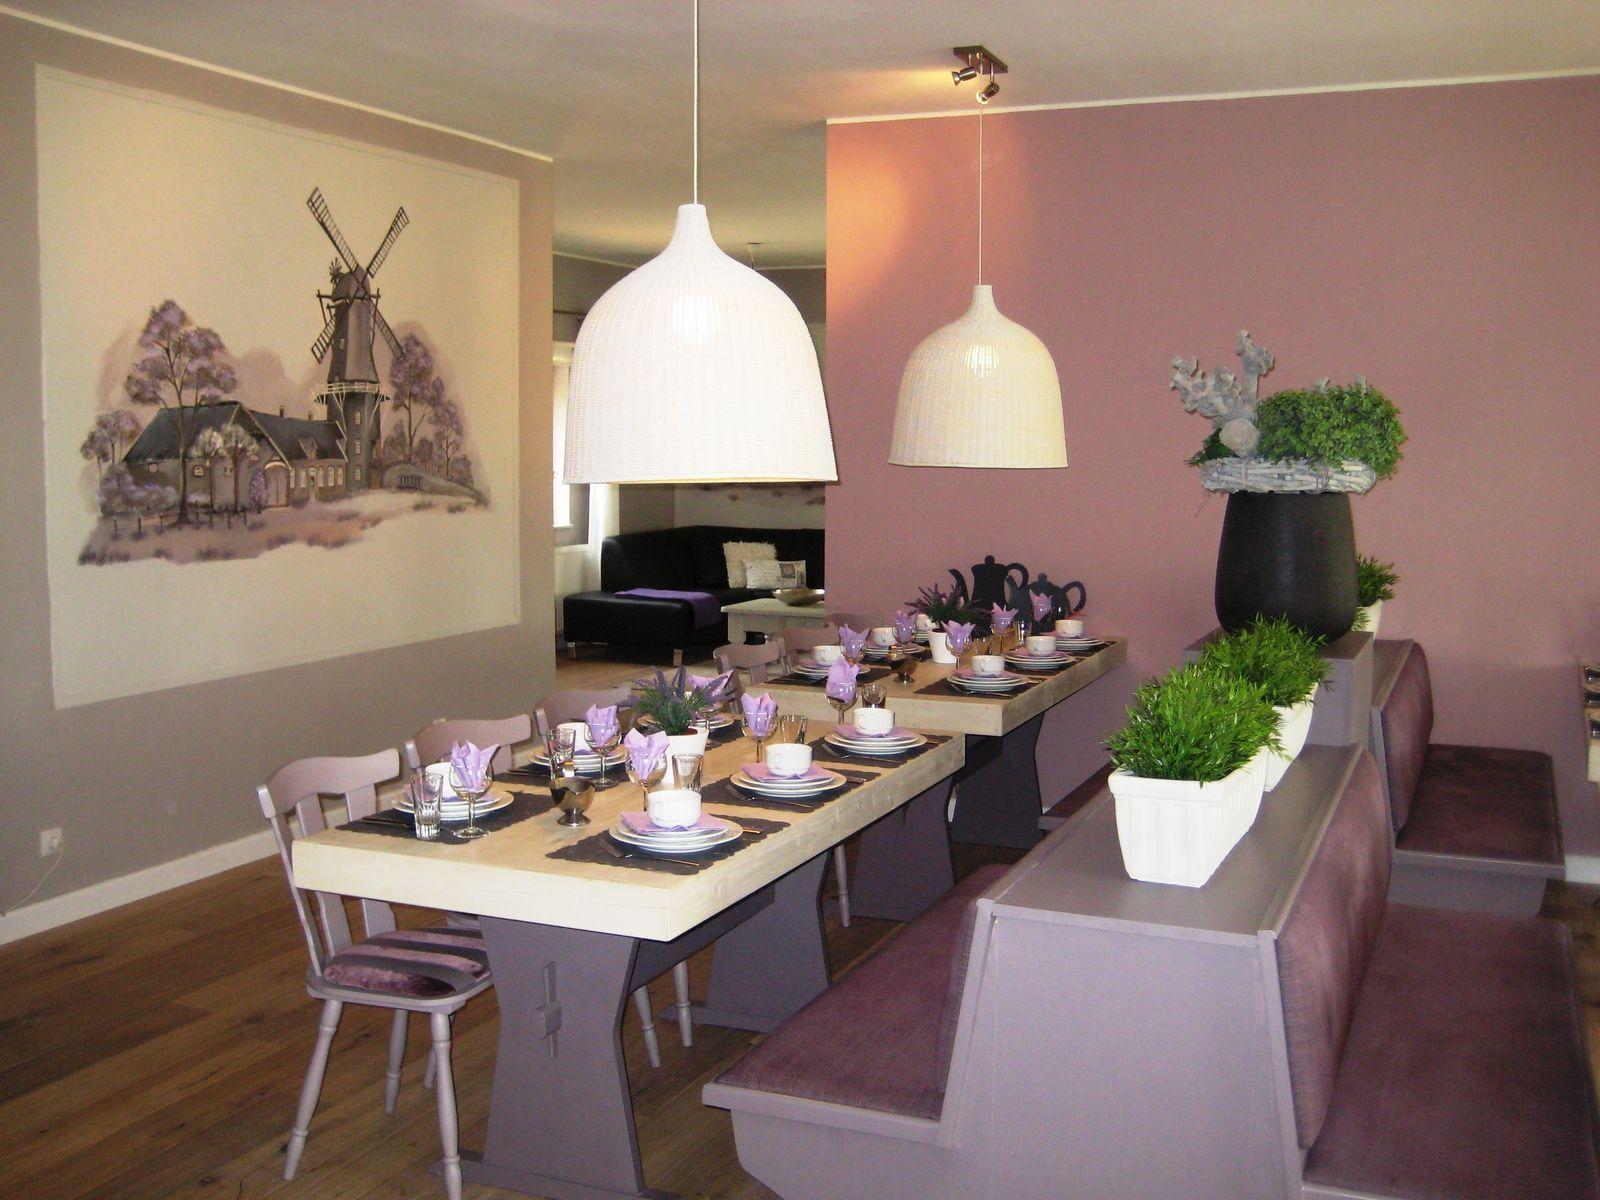 Afbeelding van Huize Backemoor Ostfriesland - luxe vakantievilla voor groepen